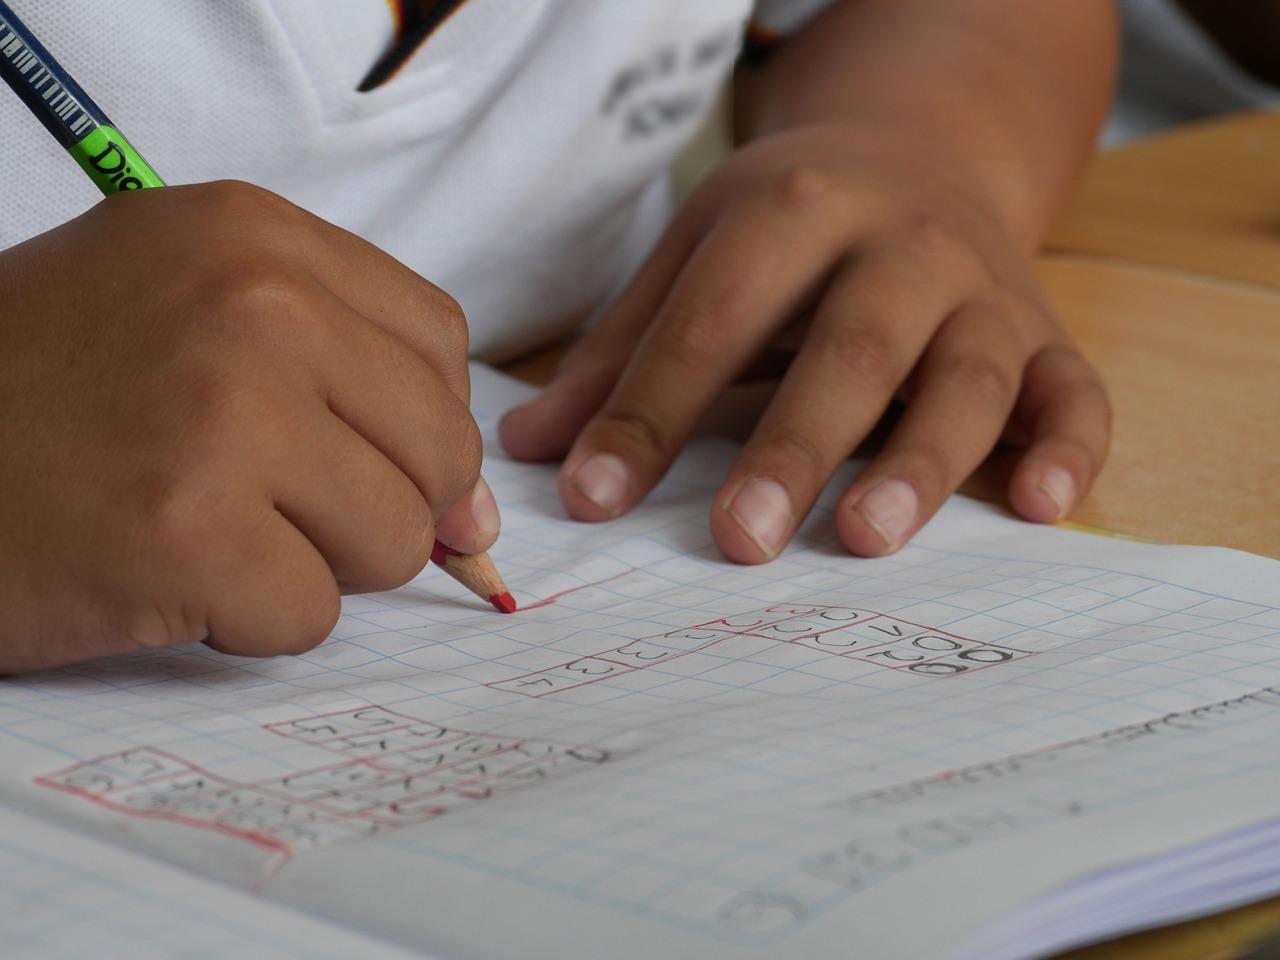 Hiszpania: Zakażenia koronawirusem w ponad 50 szkołach